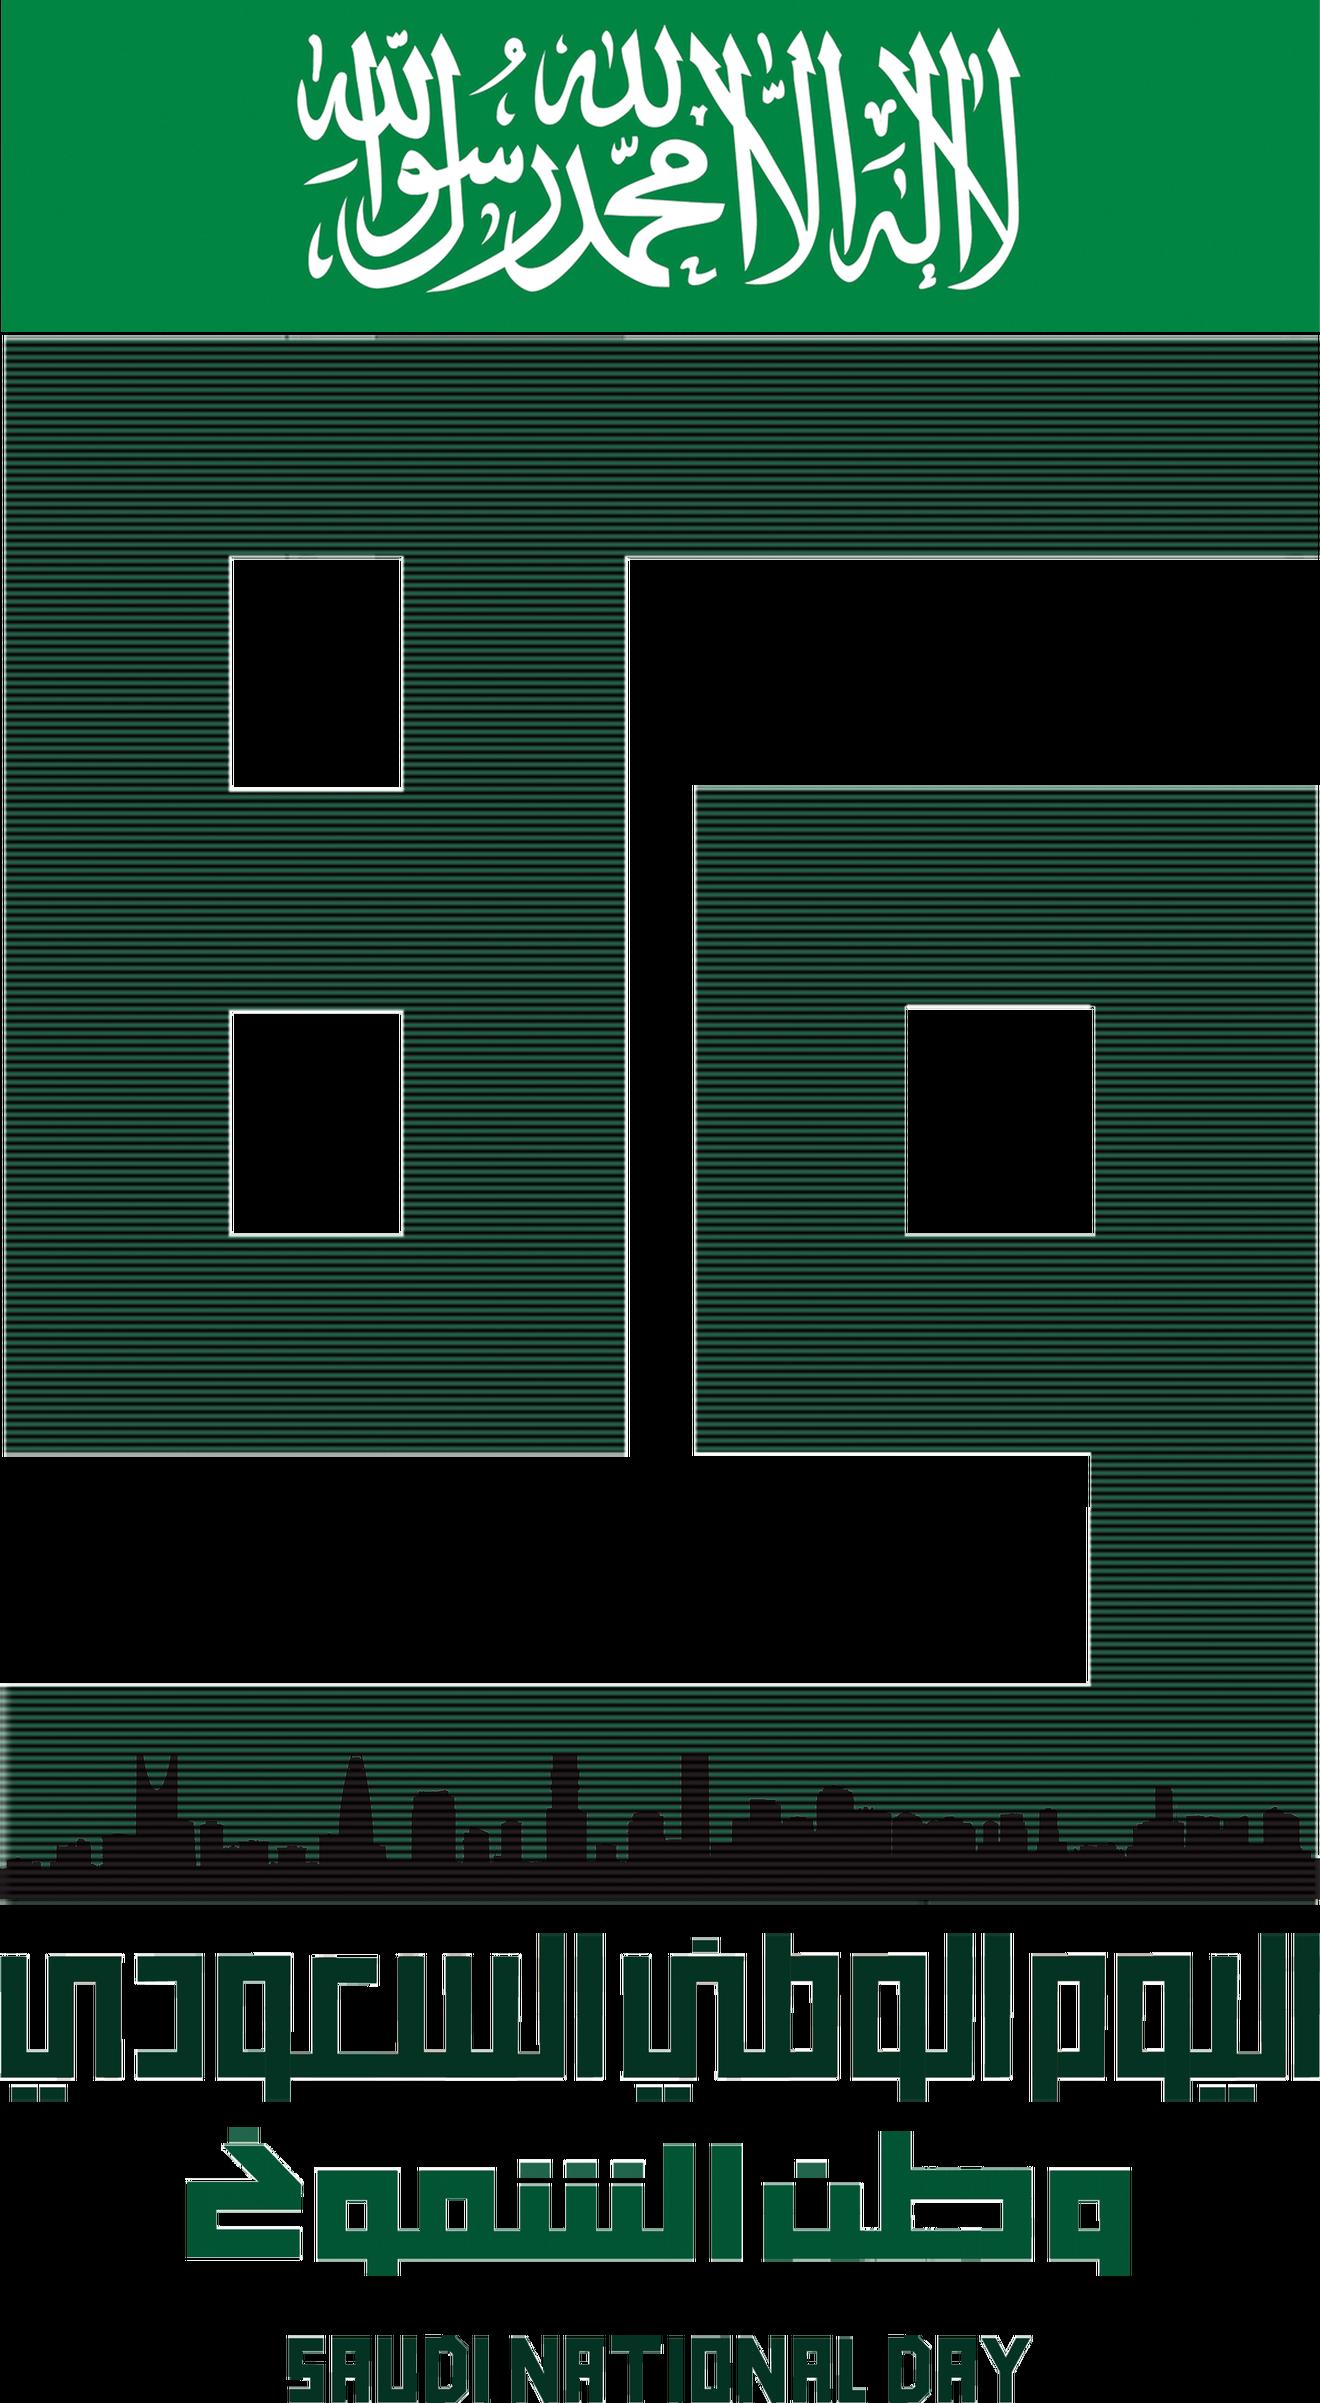 تصميم اليوم الوطني 89 للسناب شات